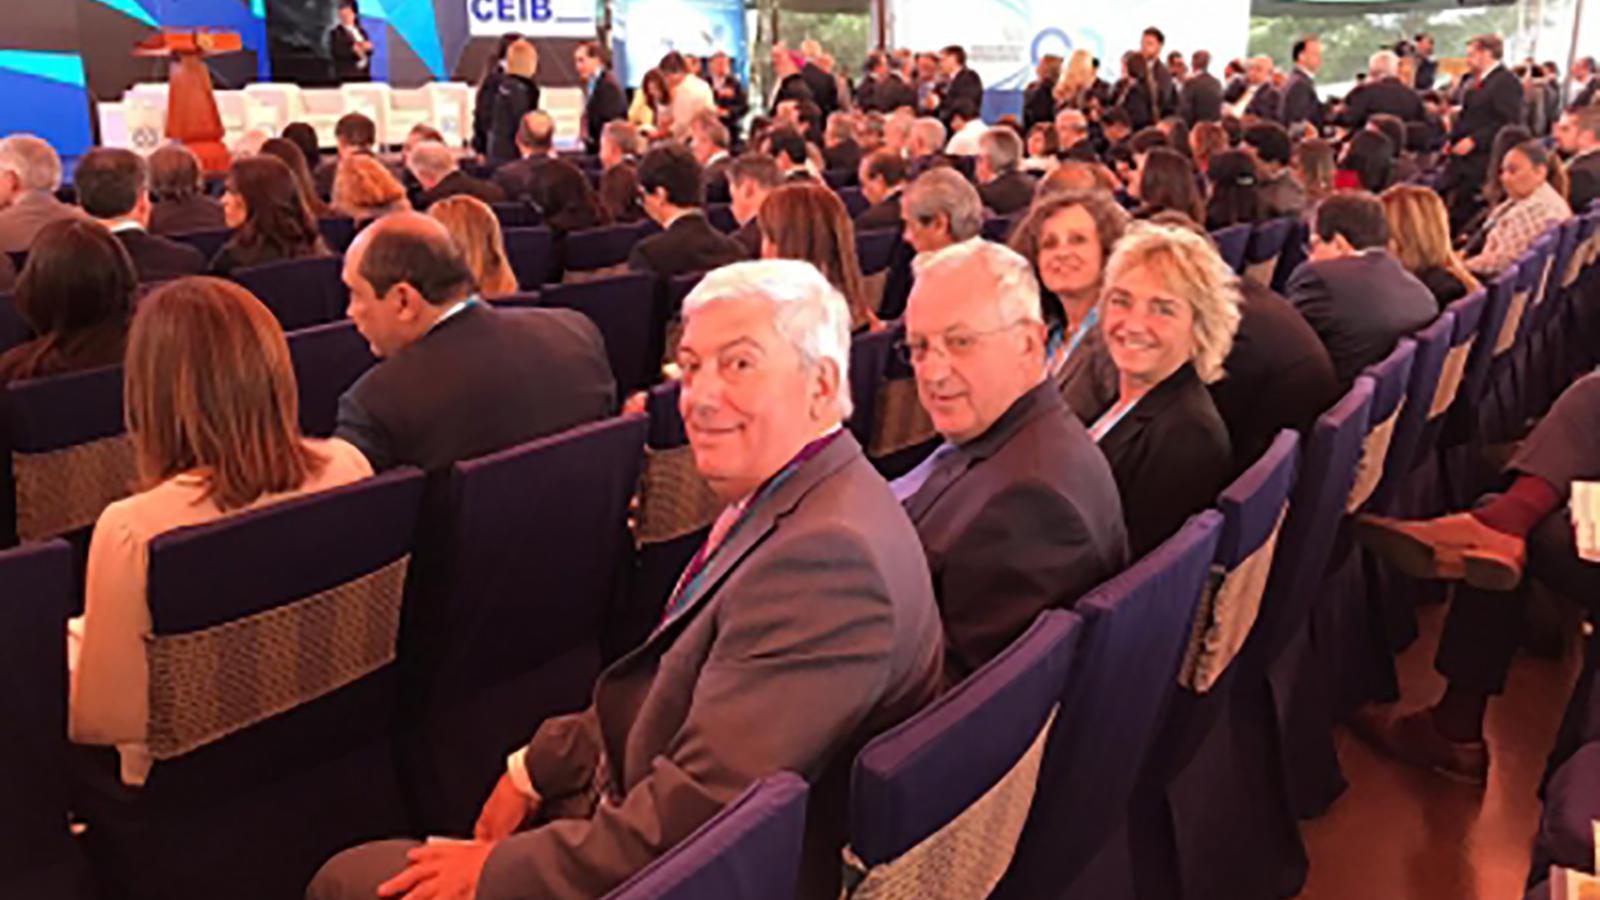 El president de la CEA, Gerard Cadena acompanyat del president de la Cambra de Comerç, Miquel Armengol. / ARXIU ANA